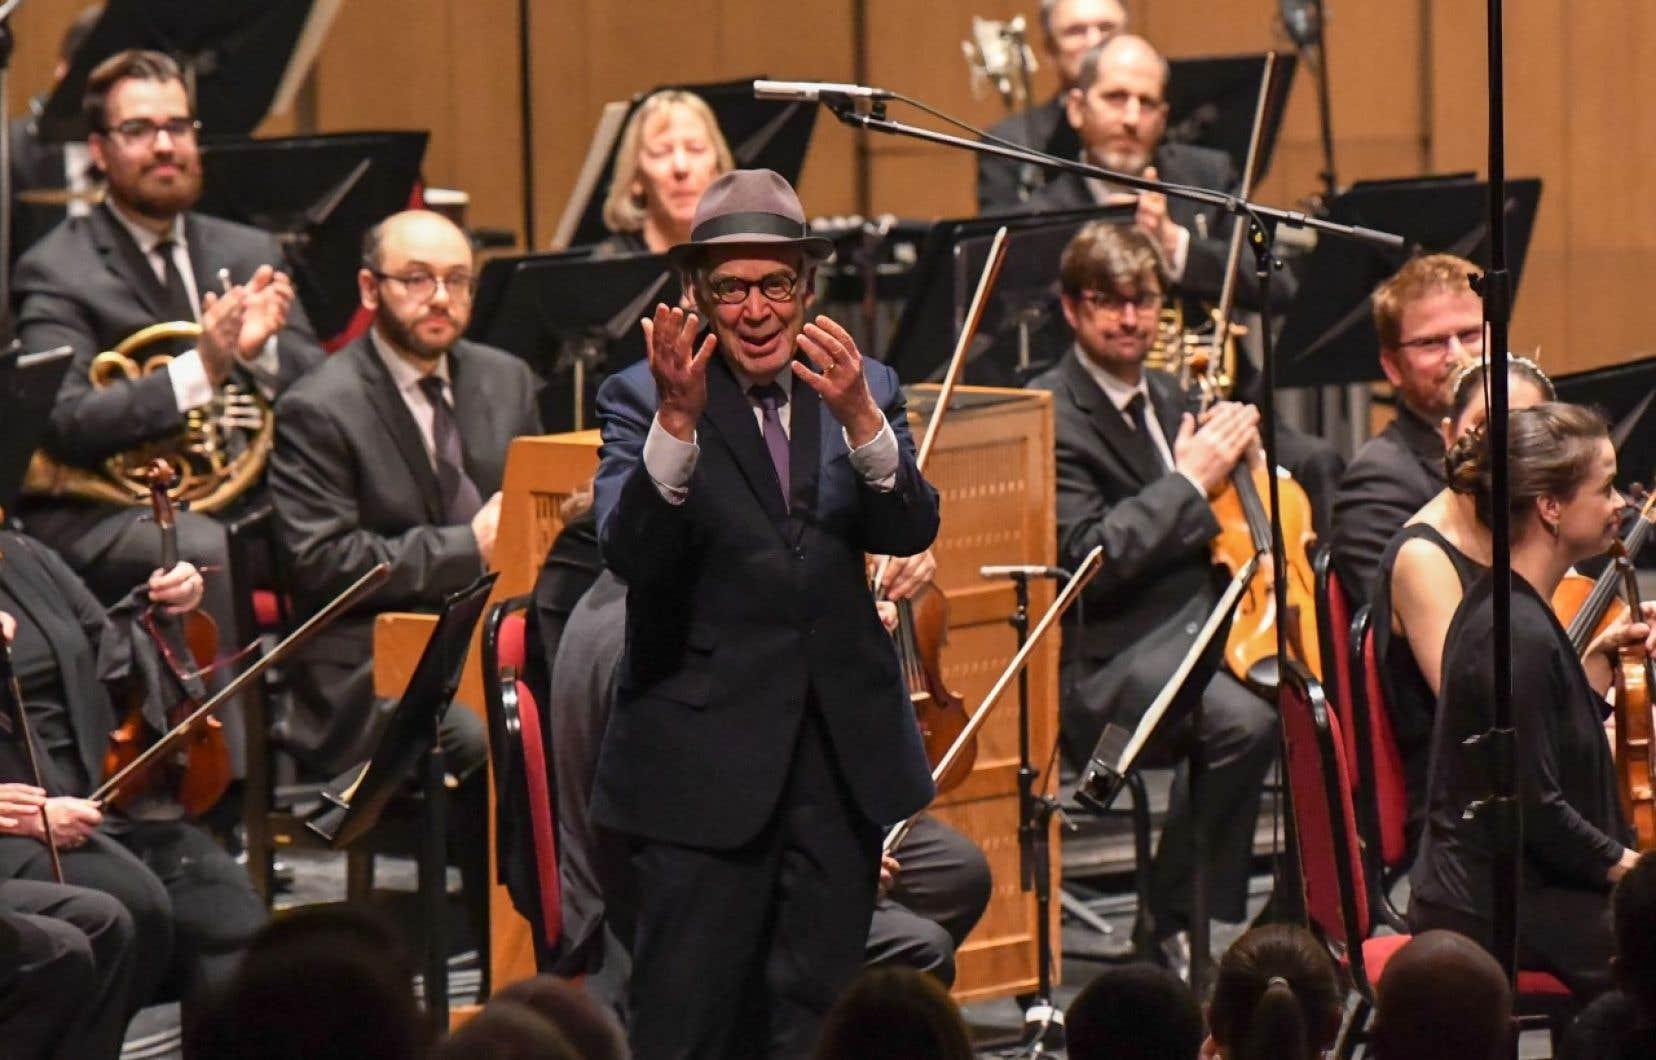 Le compositeur torontois Howard Shore, connu pour son travail dans «Le Seigneur des anneaux», salue le public après la création de son concerto pour guitare «The Forest».